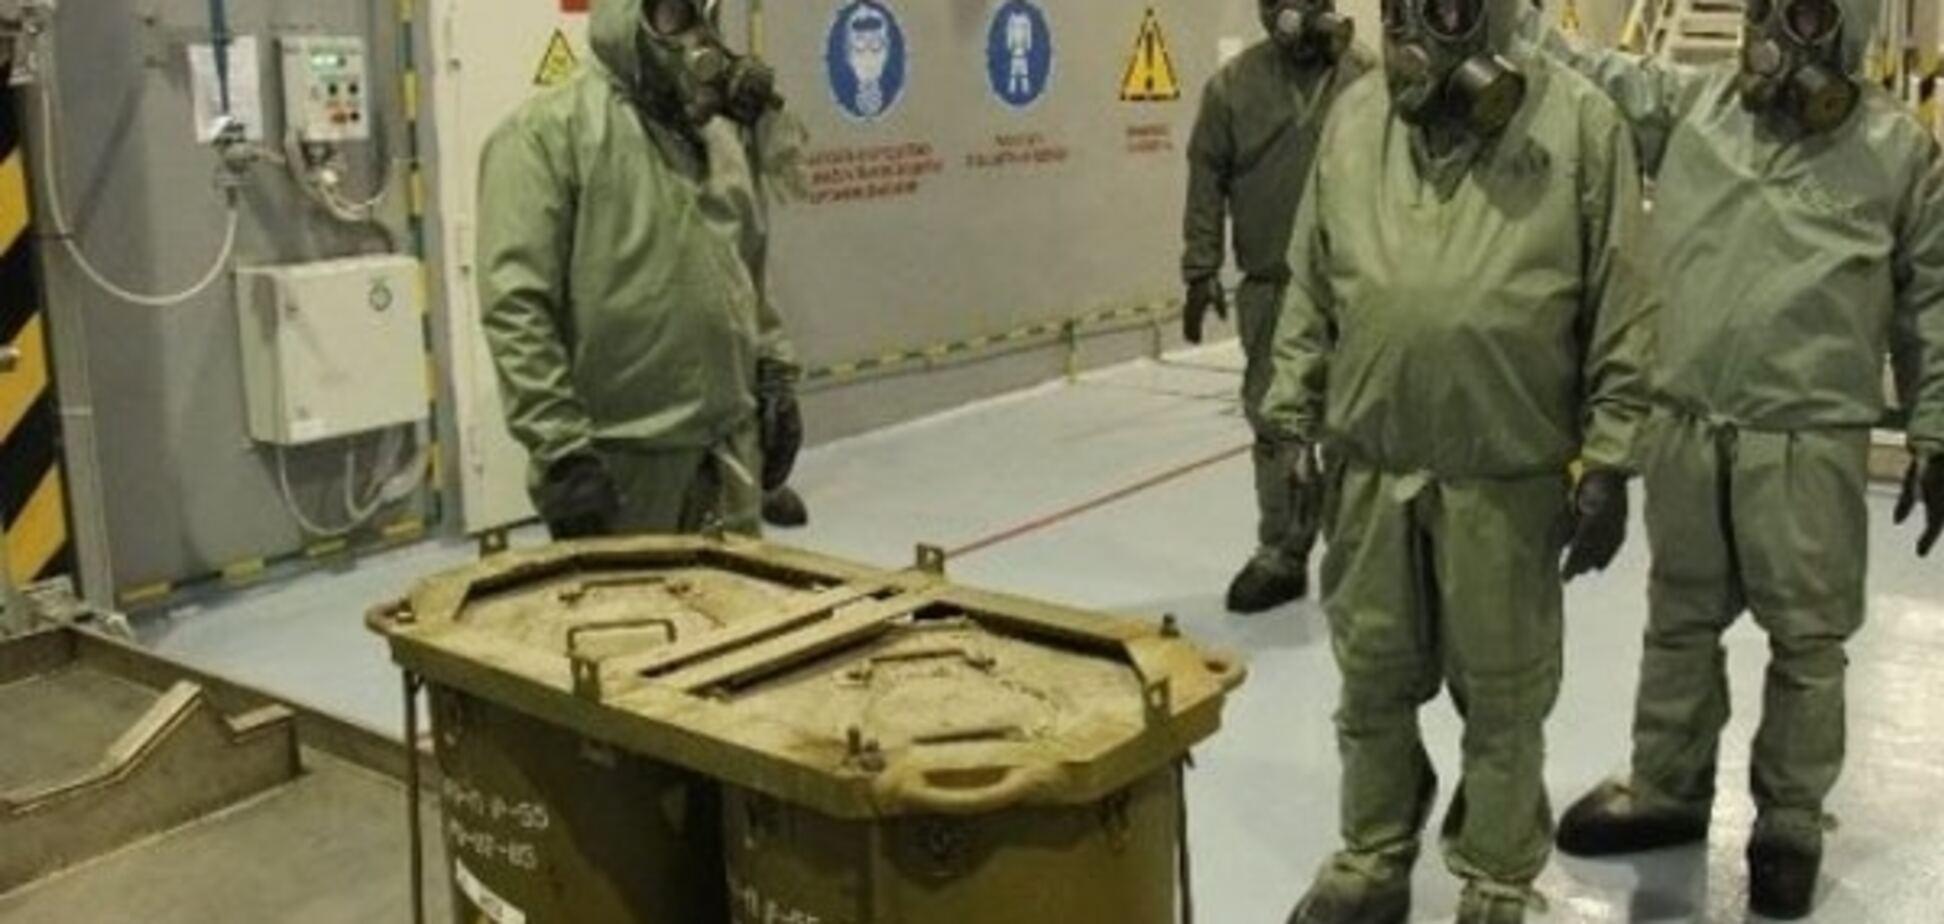 Что будет, если Россия рискнет применить на Донбассе химическое оружие: мнение военных экспертов